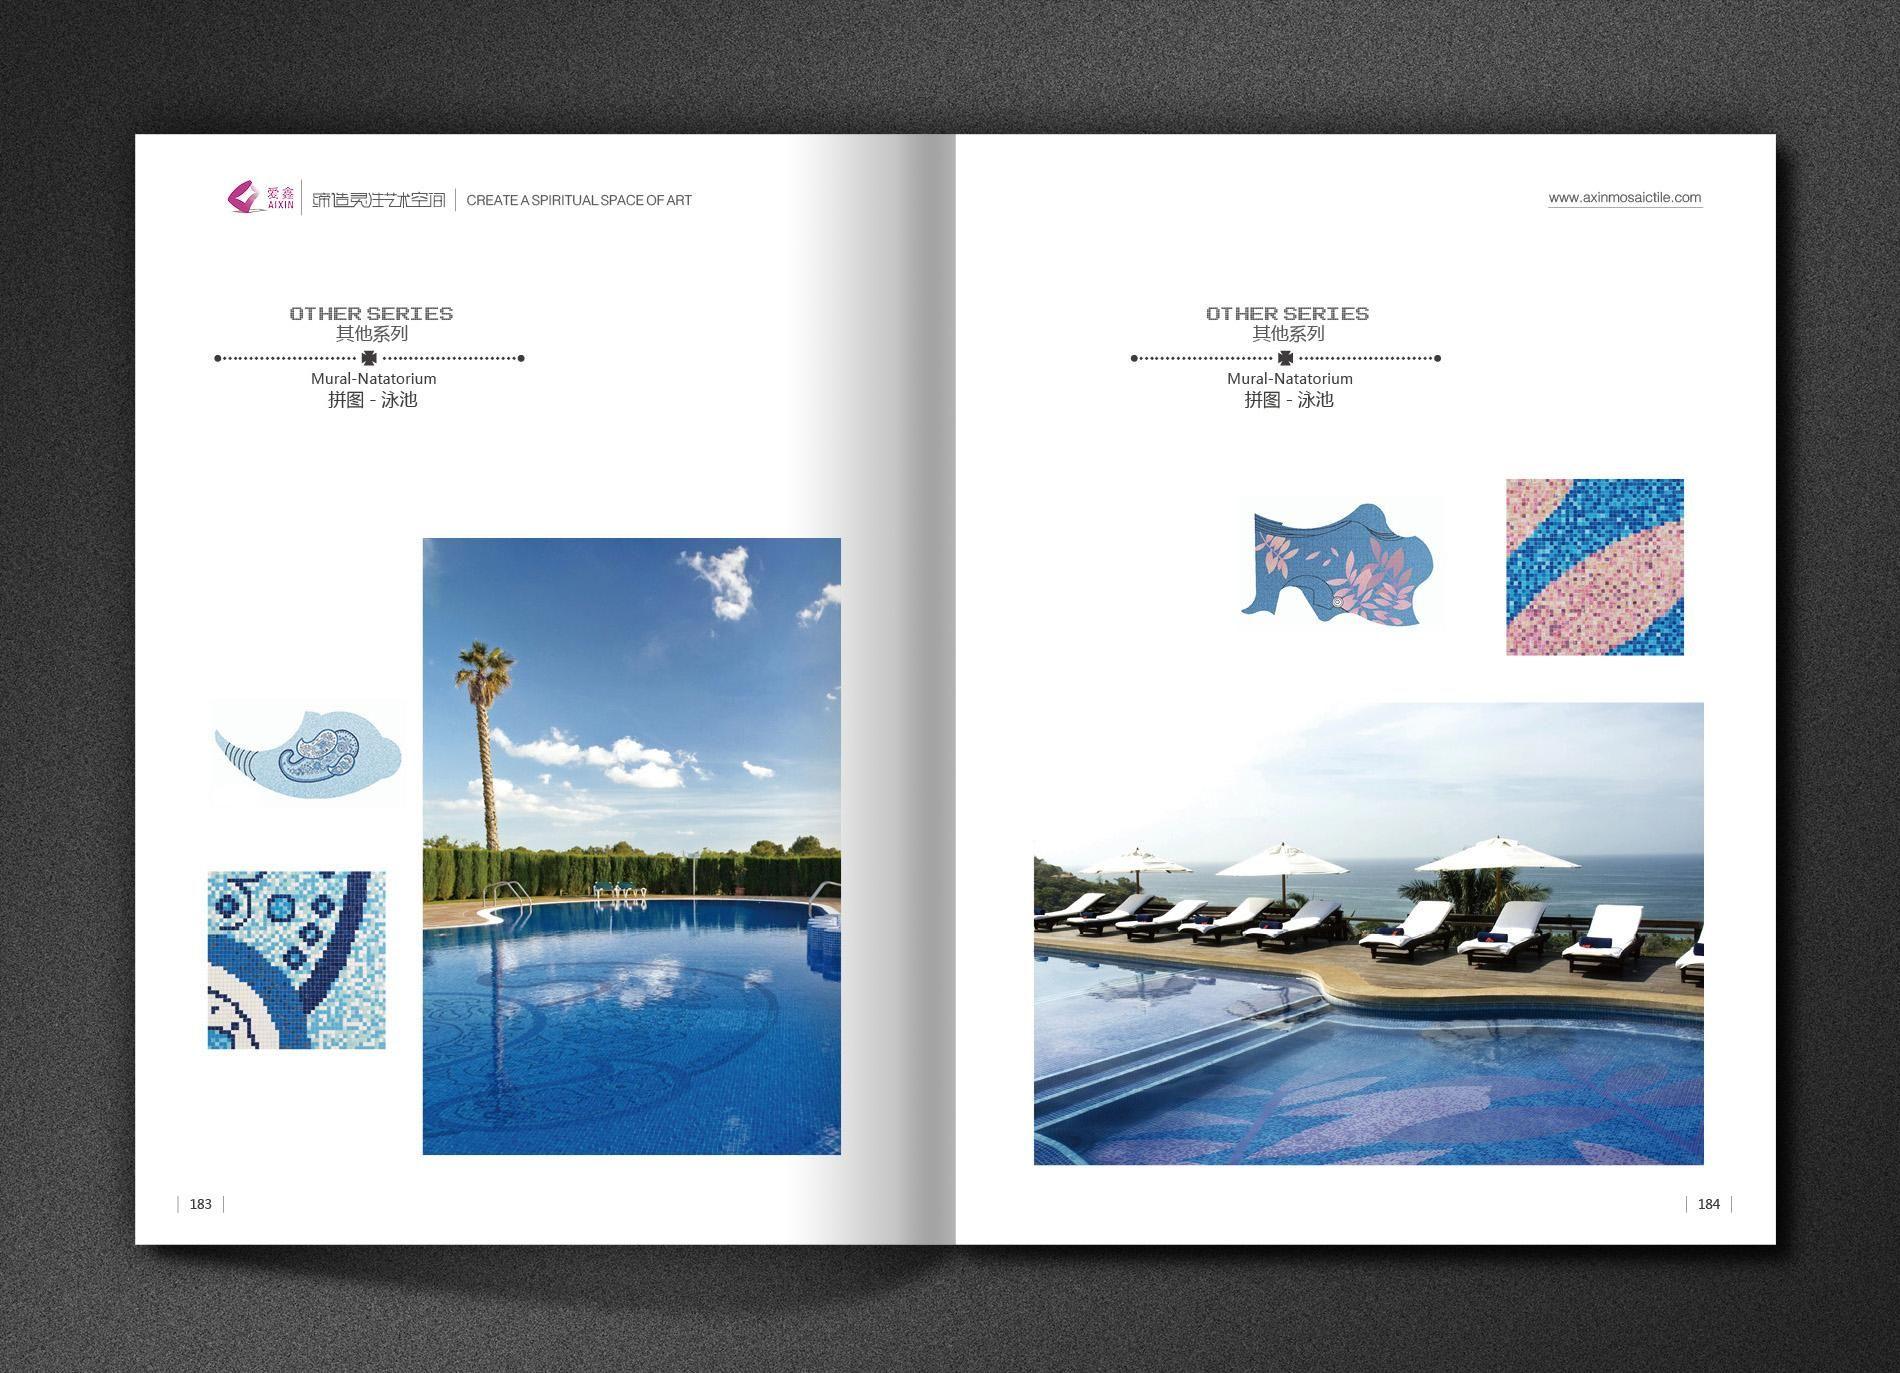 片 博力纳品牌设计的空间 红动中国设计空间 爱鑫马赛克画册 画册案例